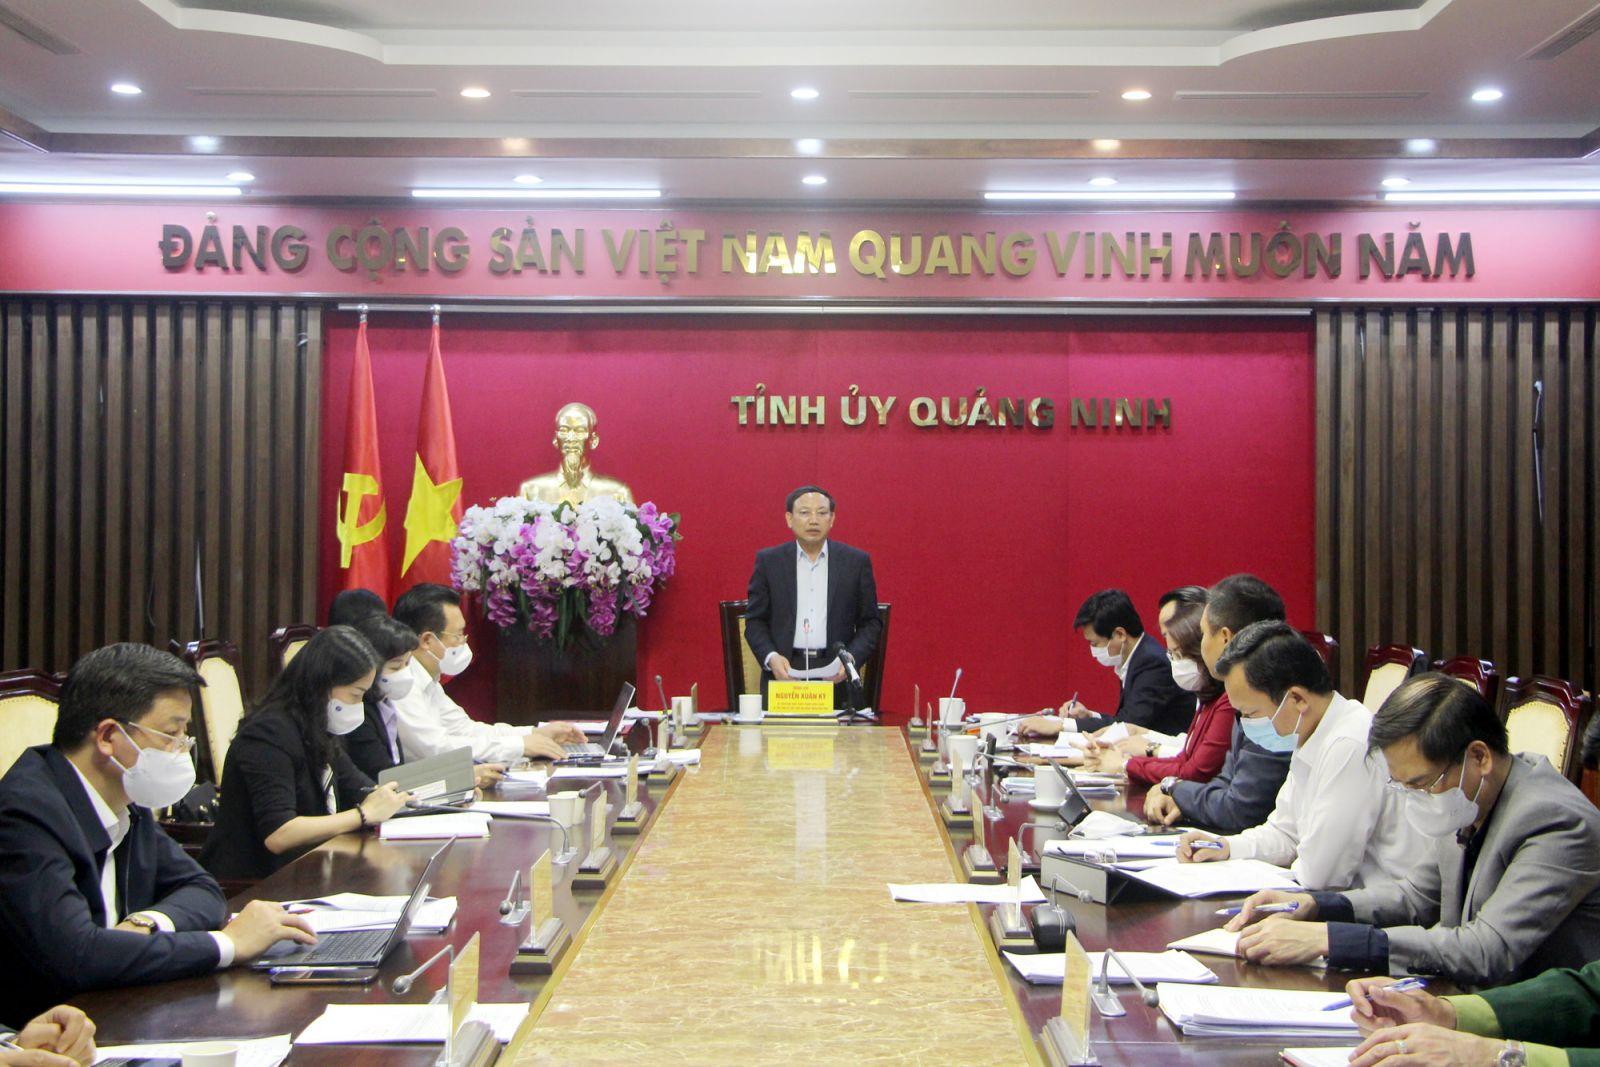 Ông Nguyễn Xuân Ký, Bí thư Tỉnh ủy Quảng Ninh kết luận buổi làm việc.